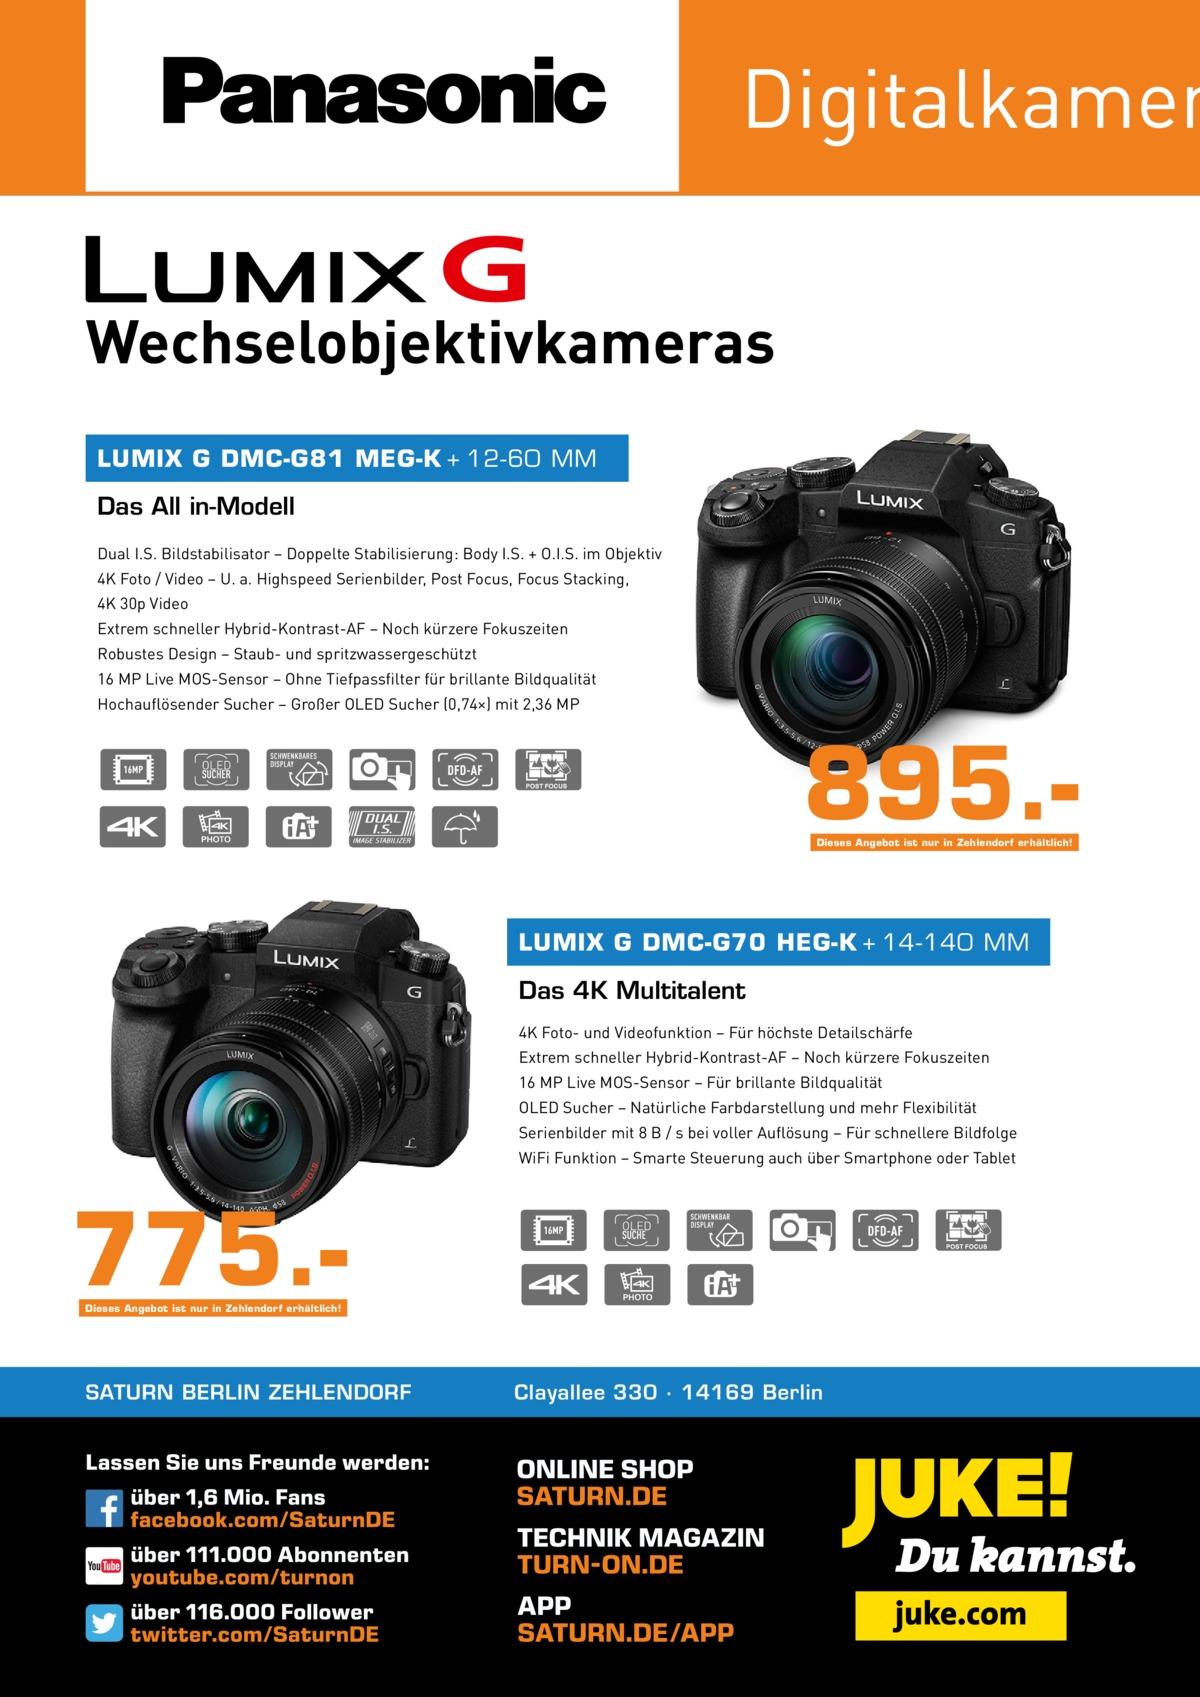 Digitalkamer Wechselobjektivkameras LUMIX G DMC-G81 MEG-K + 12-60 MM  Das All in-Modell Dual I.S. Bildstabilisator – Doppelte Stabilisierung: Body I.S. + O.I.S. im Objektiv 4K Foto / Video – U. a. Highspeed Serienbilder, Post Focus, Focus Stacking, 4K 30p Video Extrem schneller Hybrid-Kontrast-AF – Noch kürzere Fokuszeiten Robustes Design – Staub- und spritzwassergeschützt 16 MP Live MOS-Sensor – Ohne Tiefpassfilter für brillante Bildqualität Hochauflösender Sucher – Großer OLED Sucher (0,74×) mit 2,36 MP  895.Dieses Angebot ist nur in Zehlendorf erhältlich!  LUMIX G DMC-G70 HEG-K + 14-140 MM  Das 4K Multitalent 4K Foto- und Videofunktion – Für höchste Detailschärfe Extrem schneller Hybrid-Kontrast-AF – Noch kürzere Fokuszeiten 16 MP Live MOS-Sensor – Für brillante Bildqualität OLED Sucher – Natürliche Farbdarstellung und mehr Flexibilität Serienbilder mit 8 B / s bei voller Auflösung – Für schnellere Bildfolge WiFi Funktion – Smarte Steuerung auch über Smartphone oder Tablet  775.Dieses Angebot ist nur in Zehlendorf erhältlich!  SATURN BERLIN ZEHLENDORF  Clayallee 330 ∙ 14169Berlin